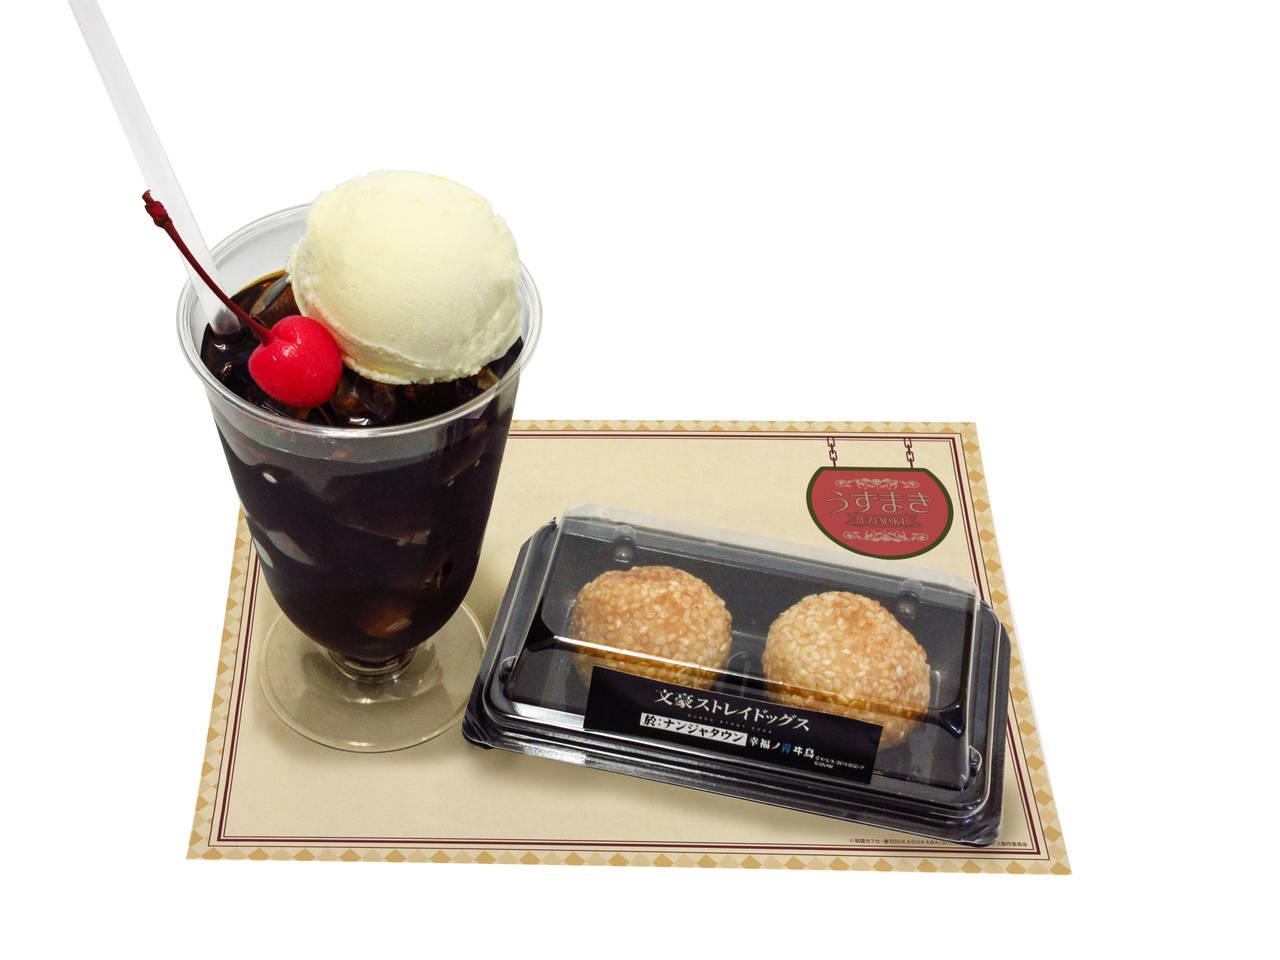 武装探偵社が集う喫茶店うずまきのアイス珈琲セット(880円)